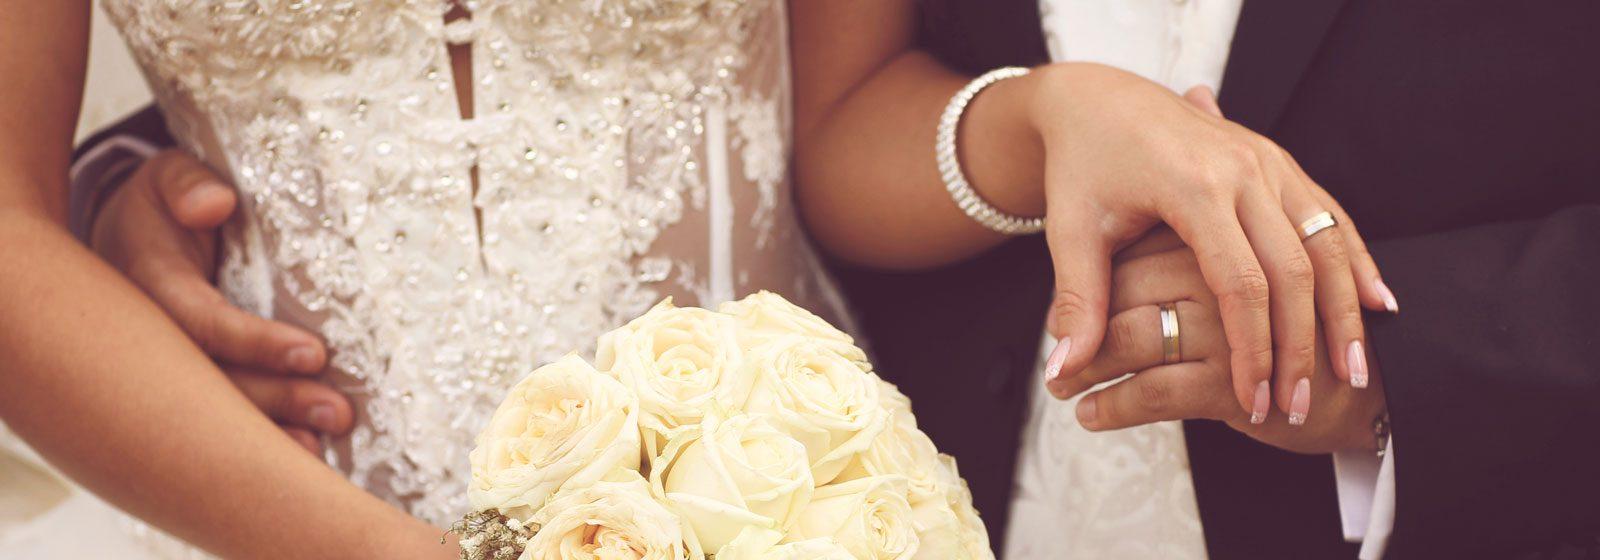 L'Orade, Bijouterie et joaillerie à Pontarlier vous accompagne pour vos fiançailles et votre mariage